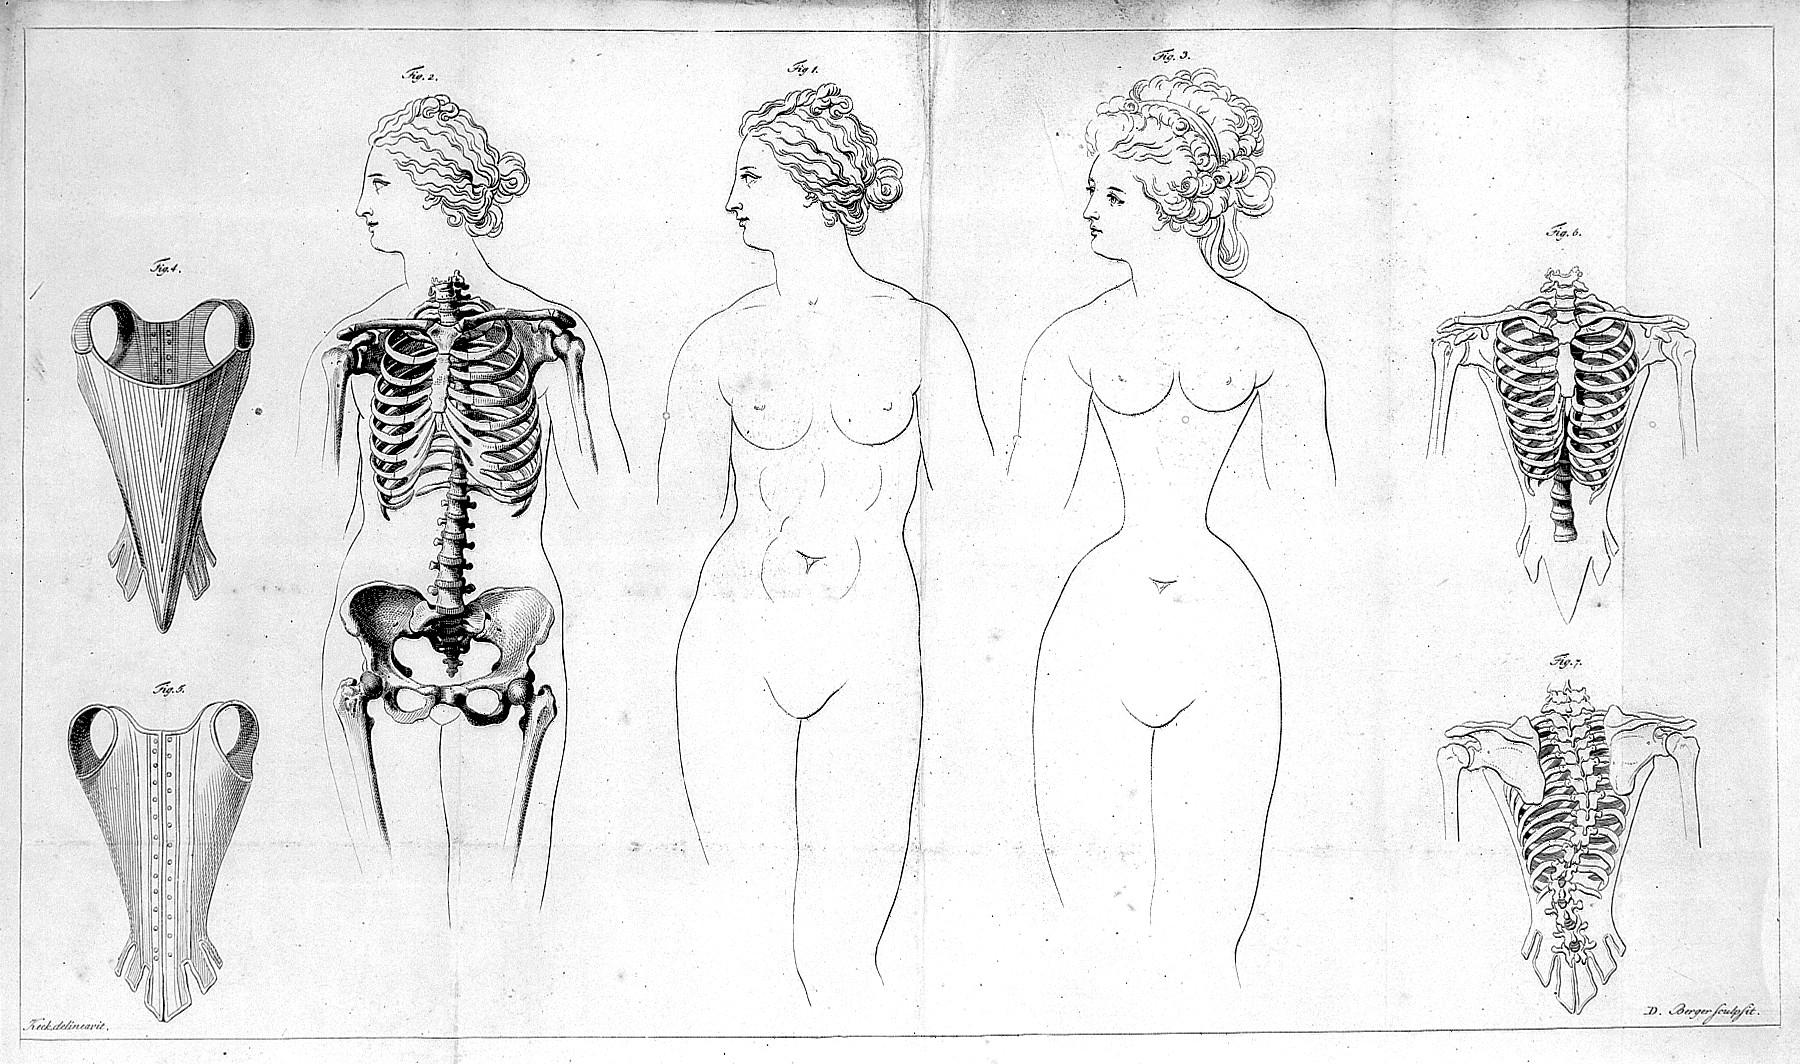 束腰衣导致的肋骨畸形和身体损害。 (维基百科)